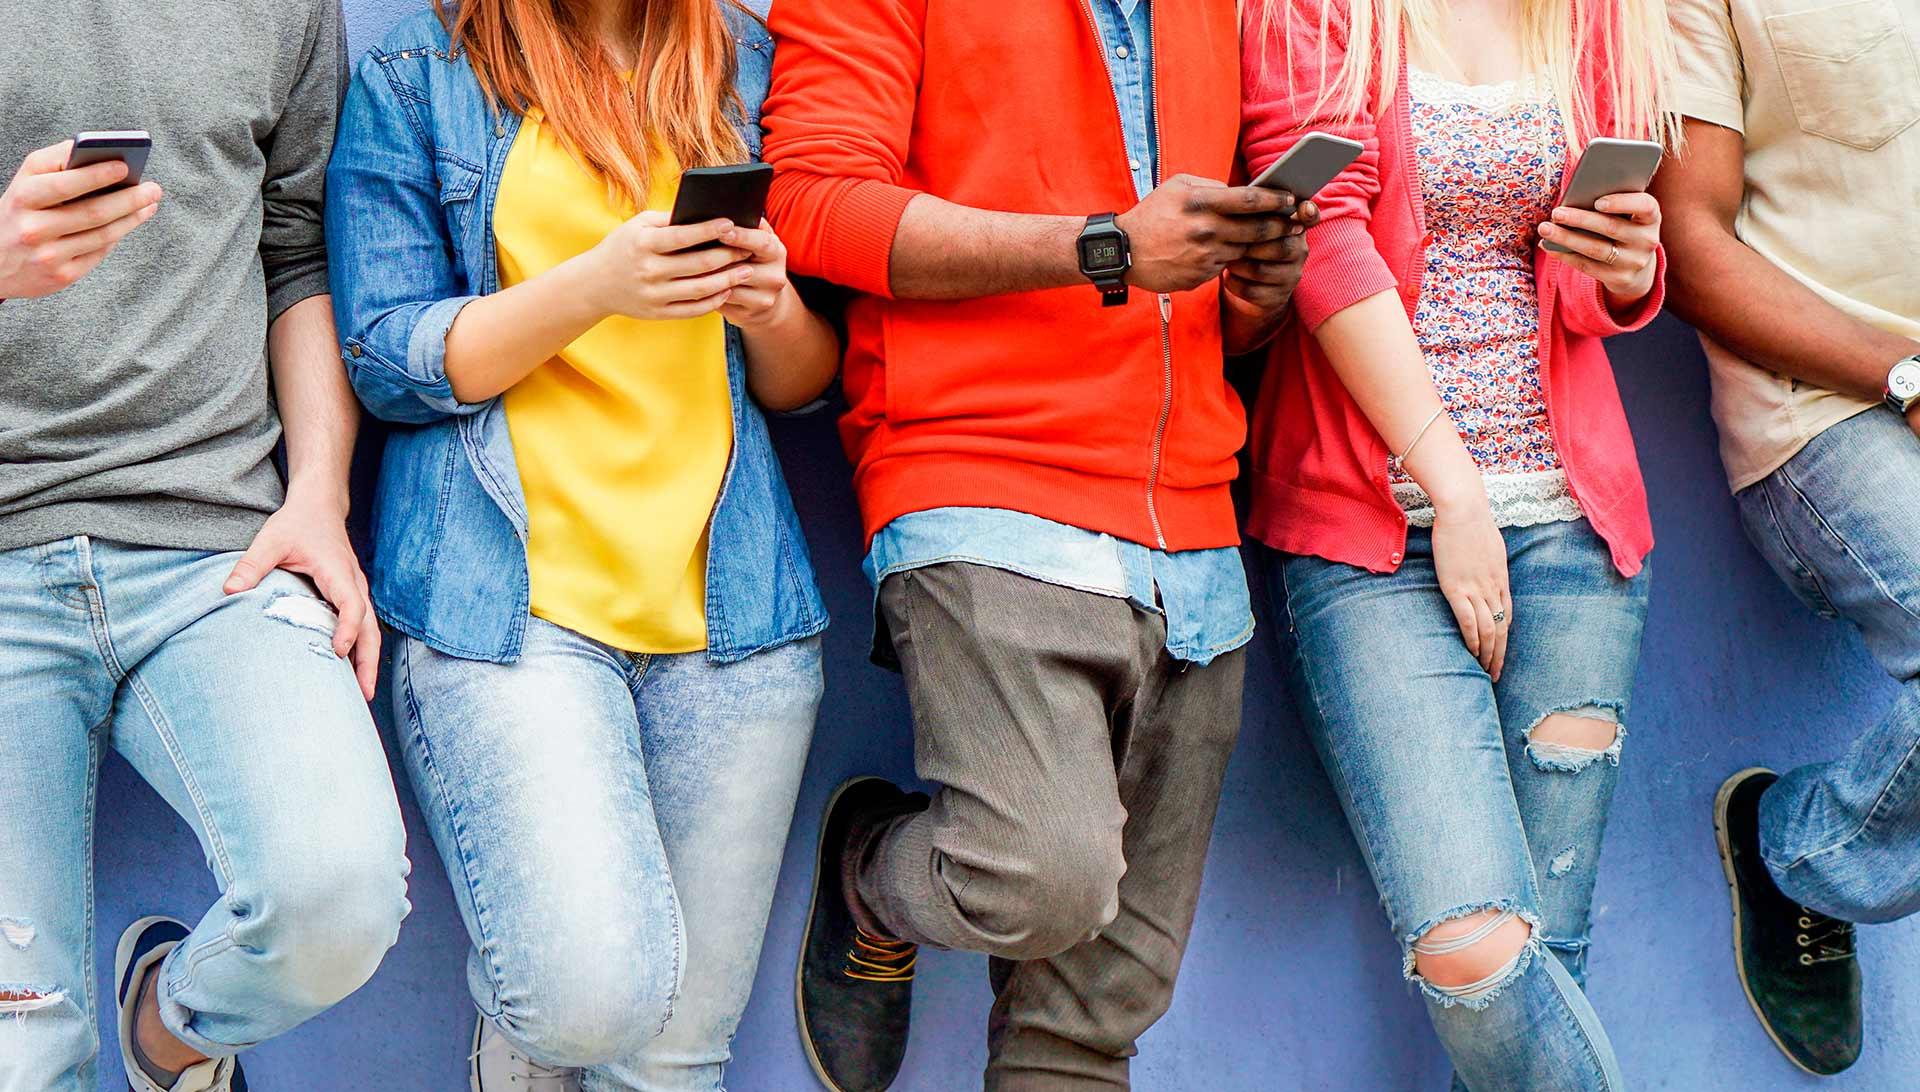 Las redes sociales siguen siendo tendencias en ecommerce en 2018